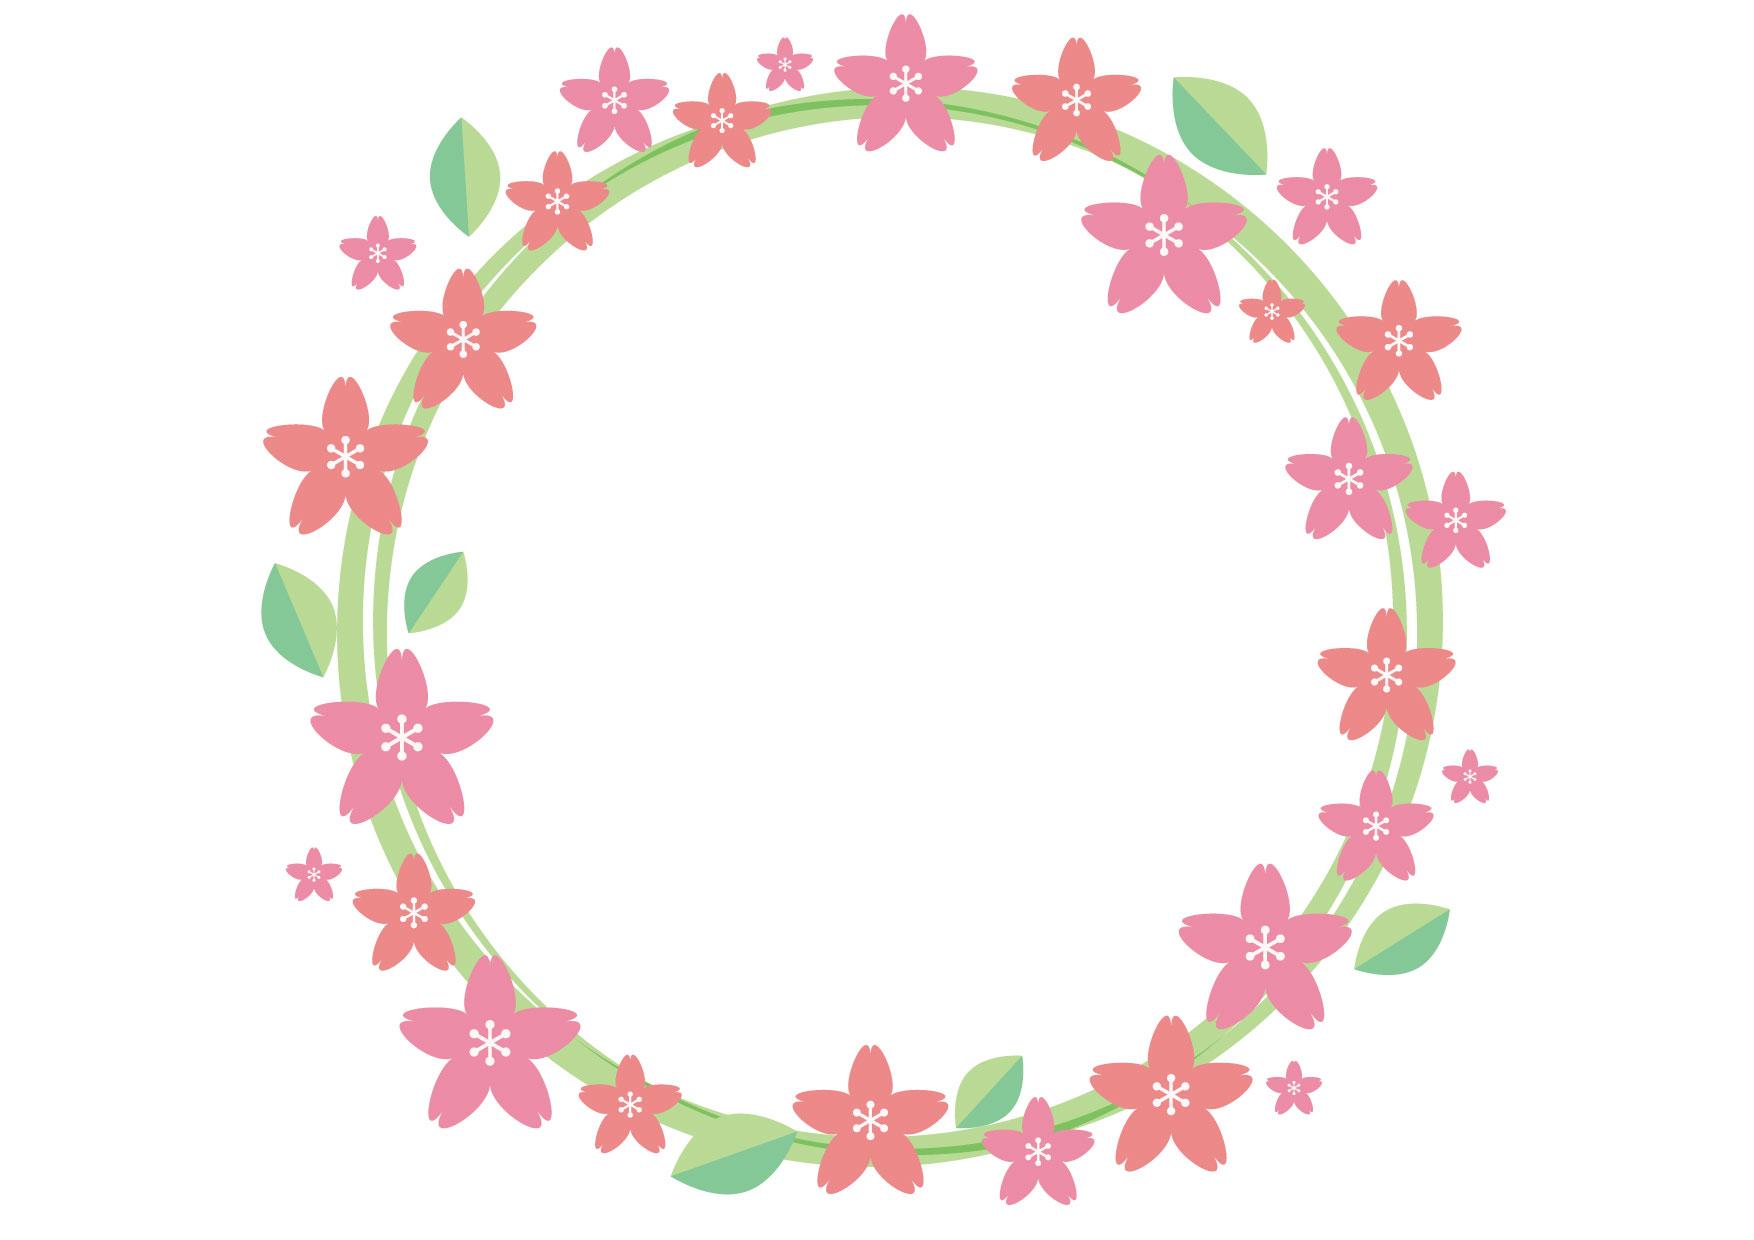 桜 フレーム 丸 背景 イラスト 無料